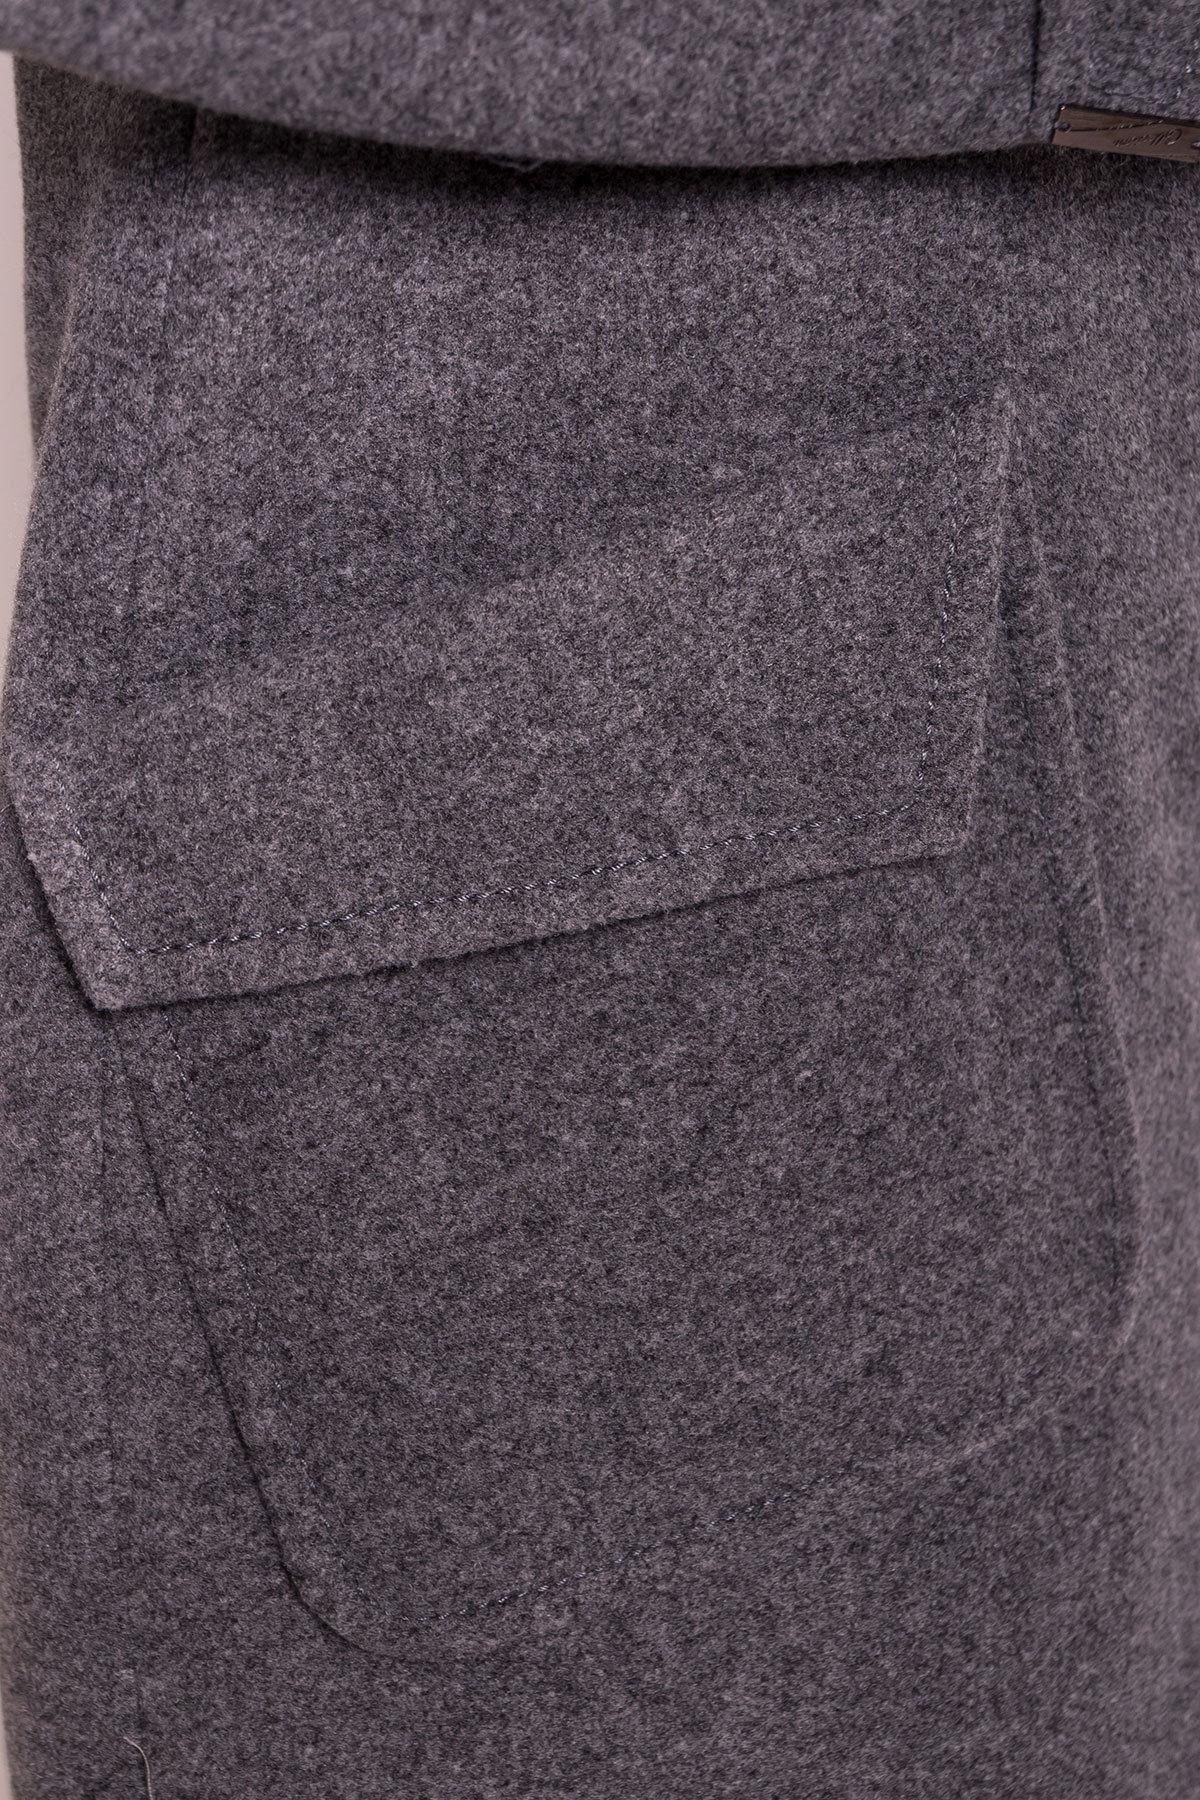 Демисезонное пальто с воротником стойка Эста 5417 АРТ. 36666 Цвет: Серый Темный - фото 5, интернет магазин tm-modus.ru